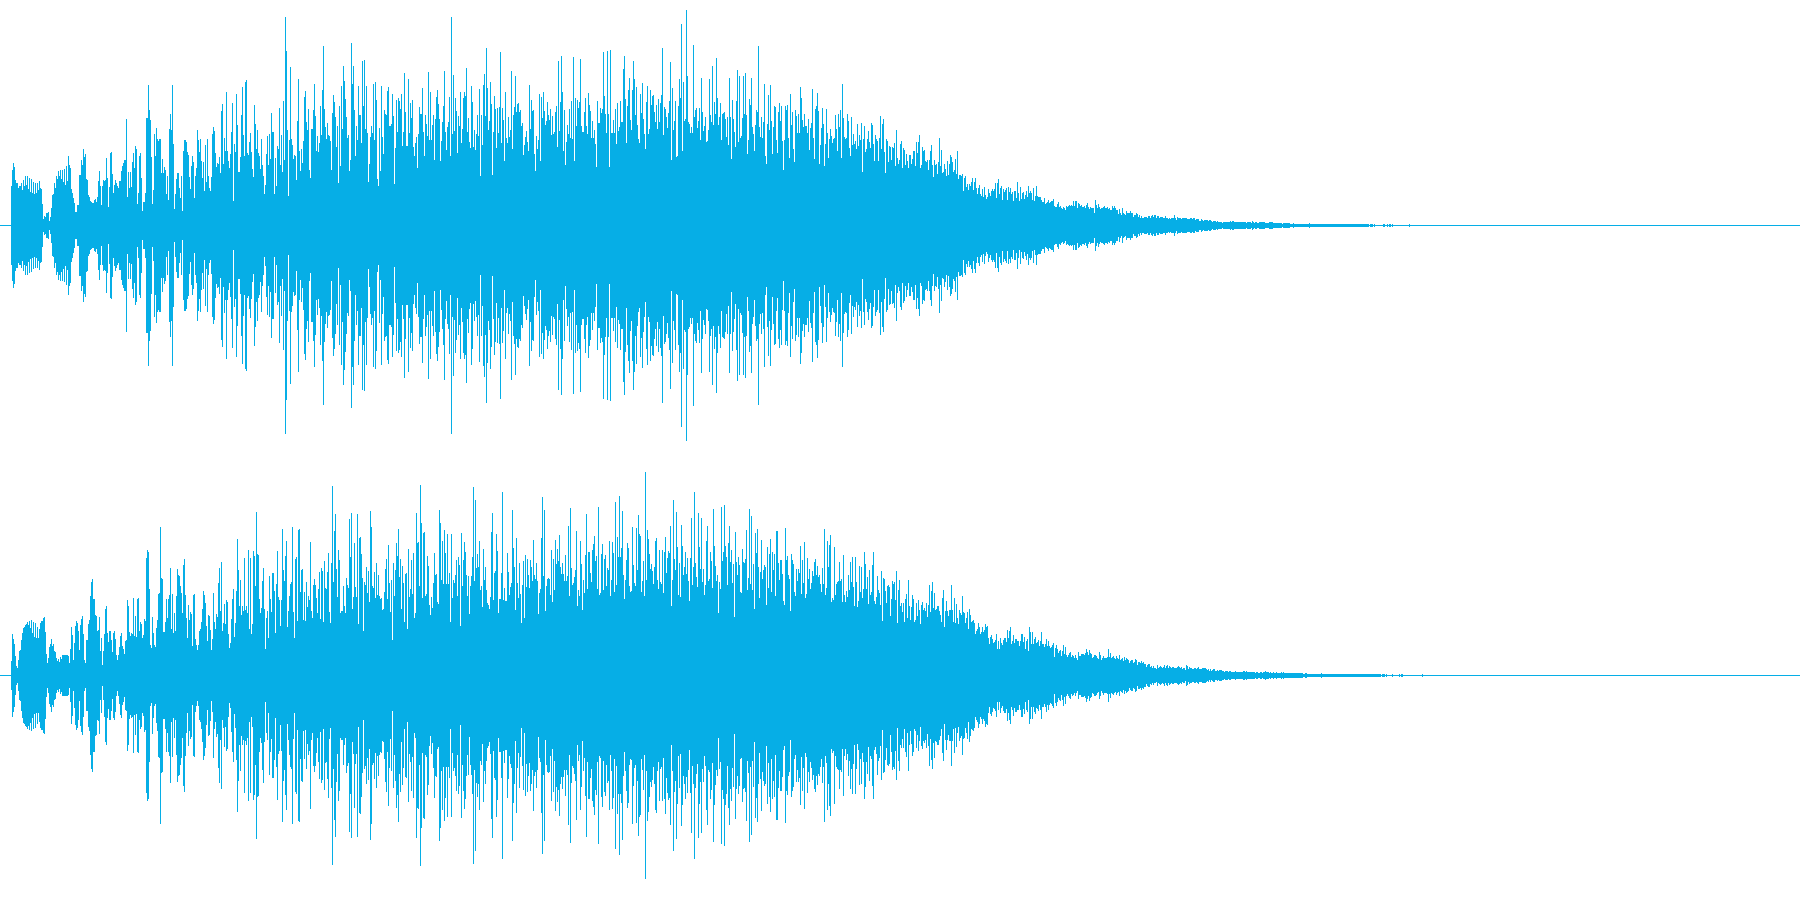 ポワワワン↑(パワーアップ・エネルギー)の再生済みの波形